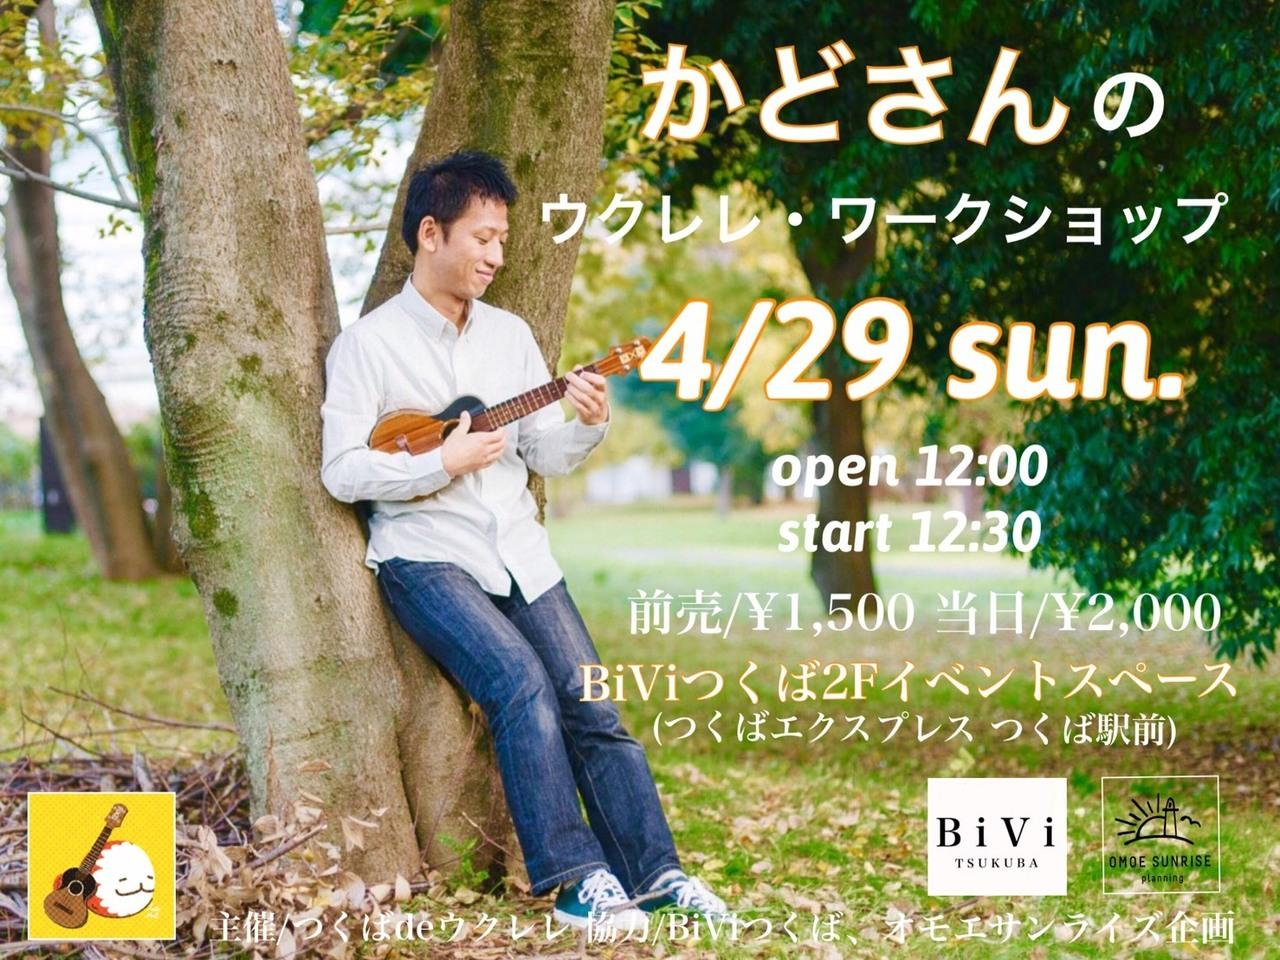 4/29(日)かど さんの ジャカソロワークショップ inつくば 開催!《好評のため3名分追加しました》